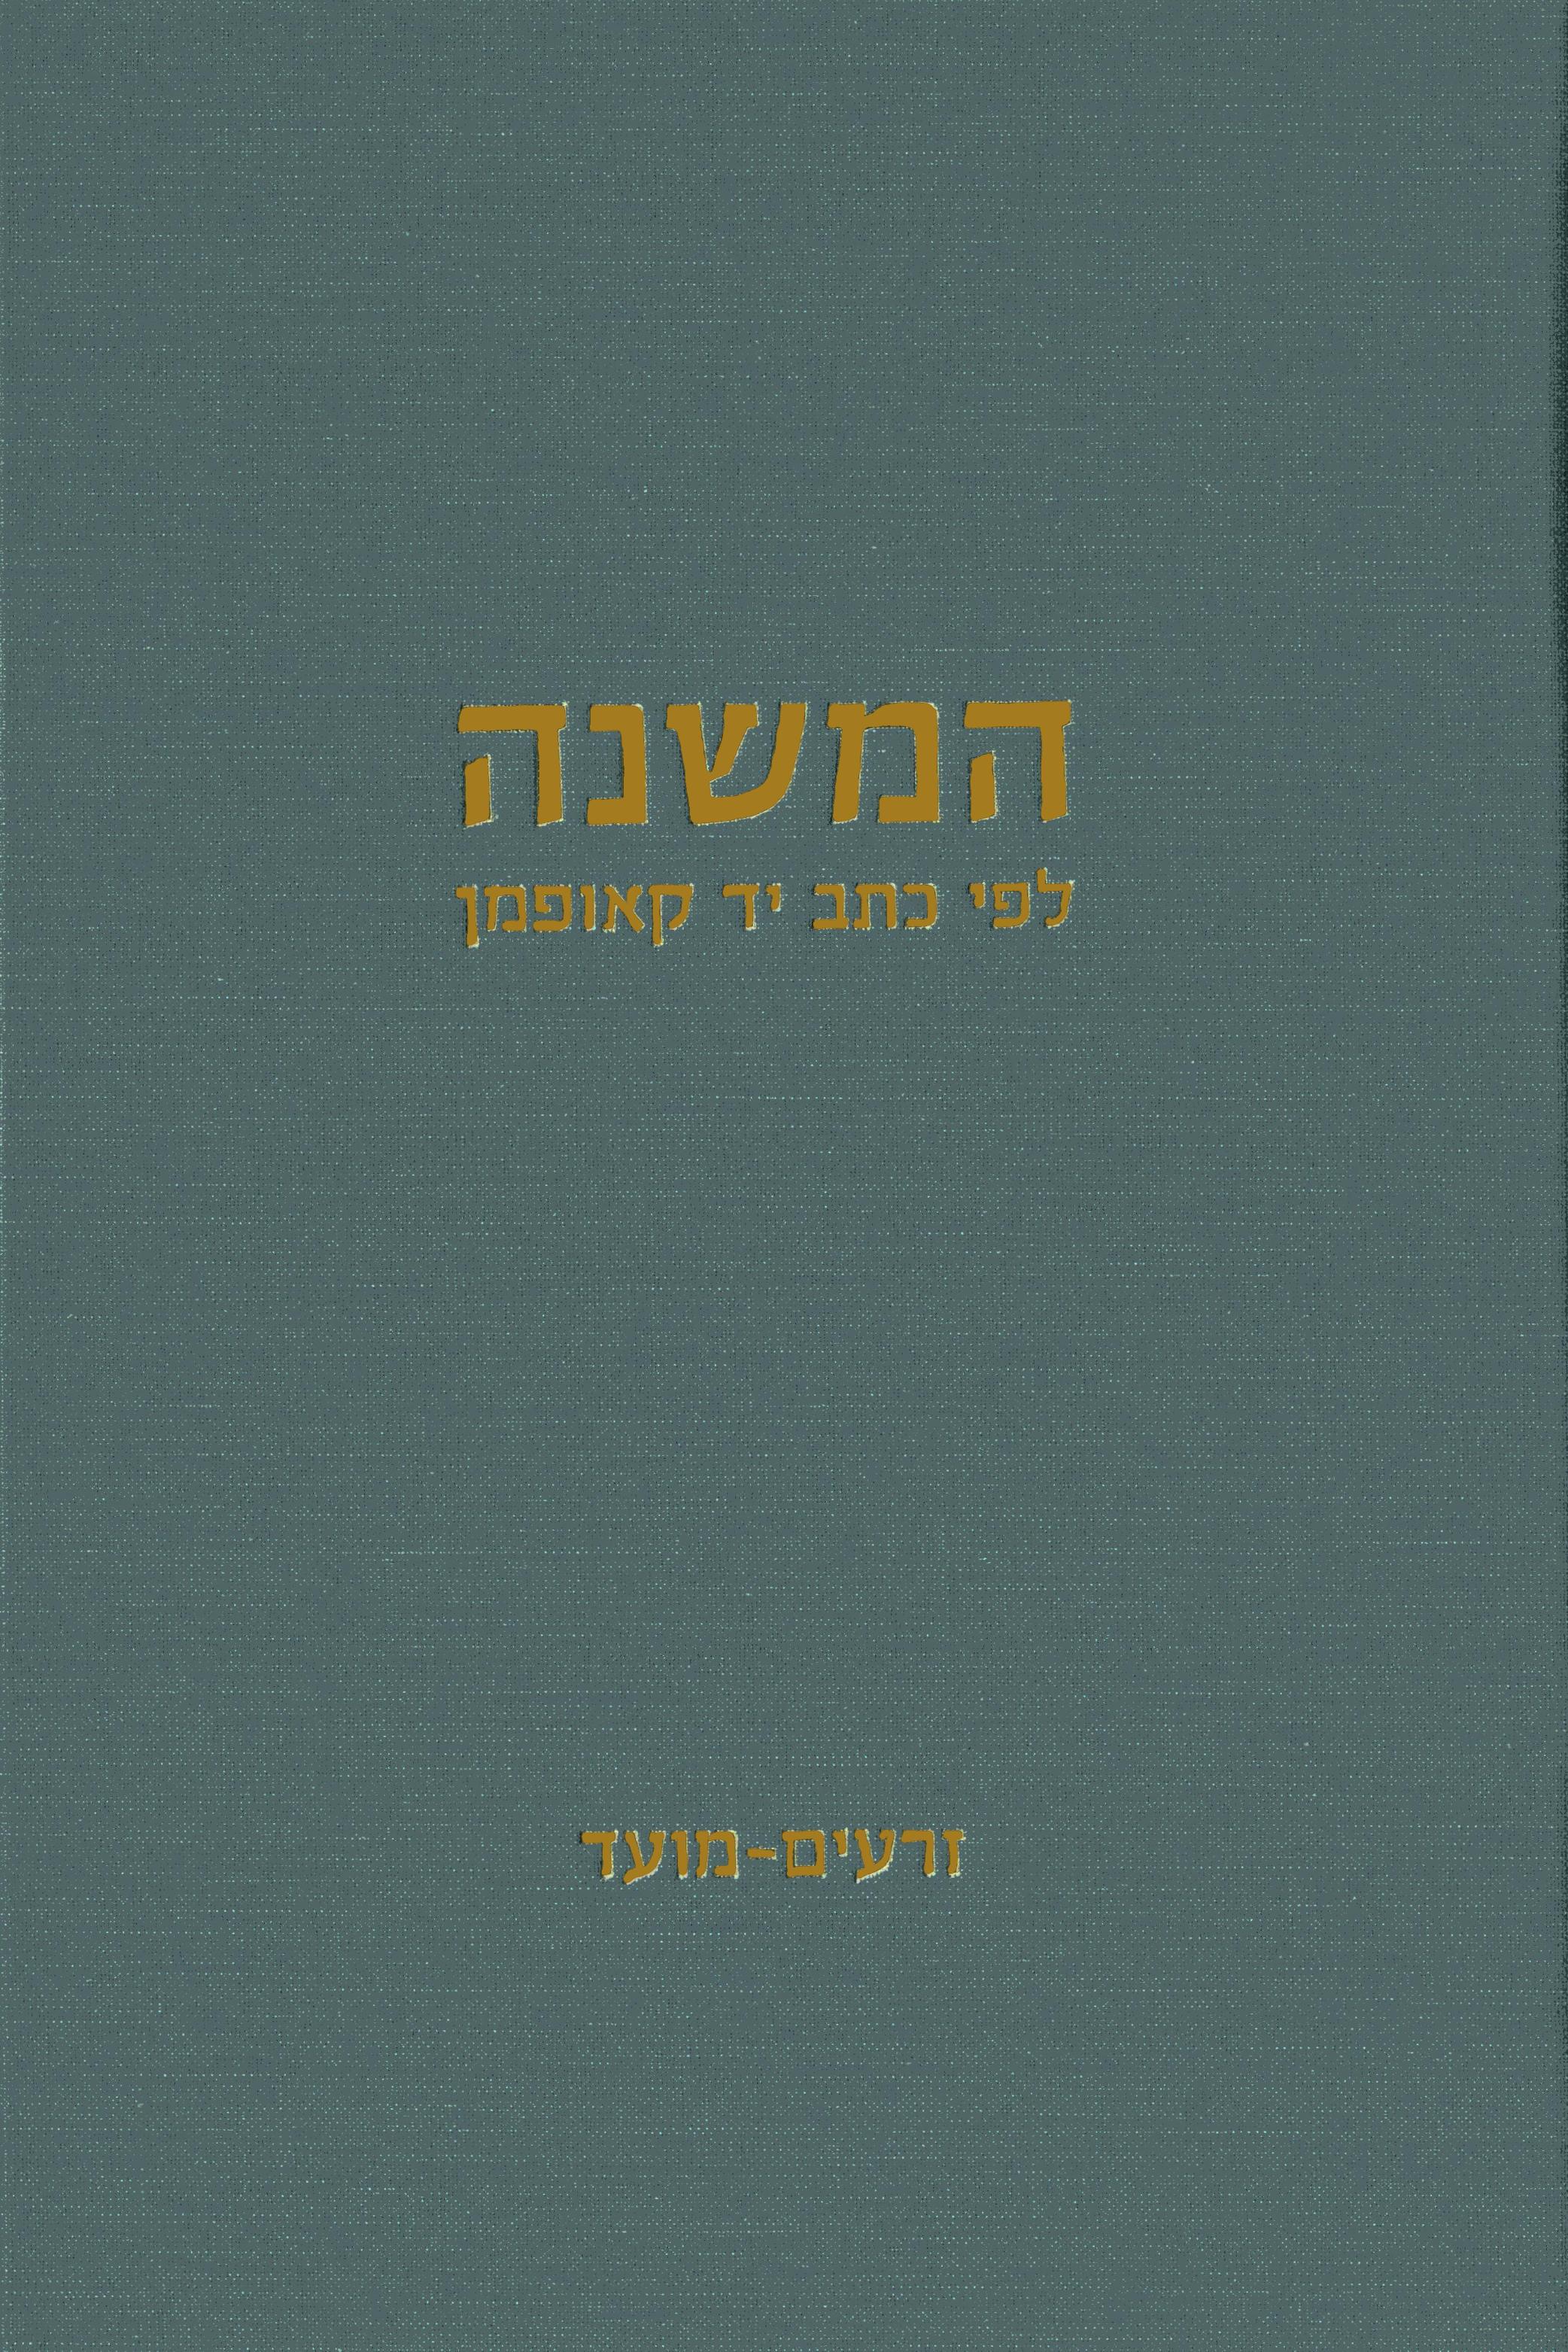 כריכה בצבע טורקיז/ירוק כהה של המשנה לפי כתב יד קאופמן